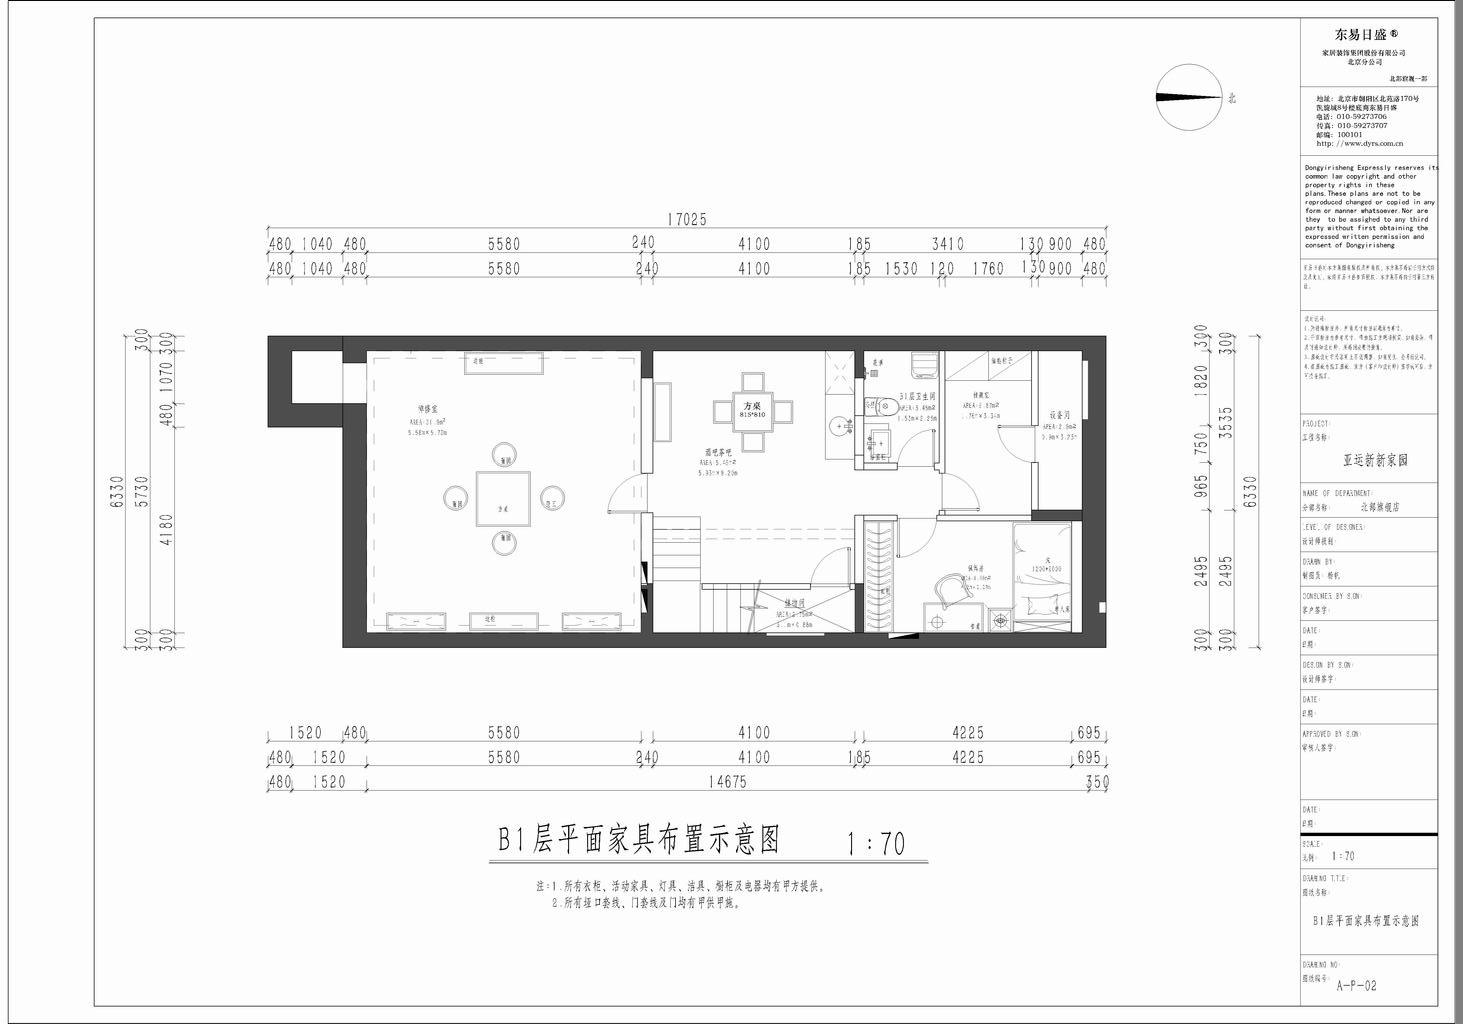 新新家园-现代简约-350平米装修设计理念